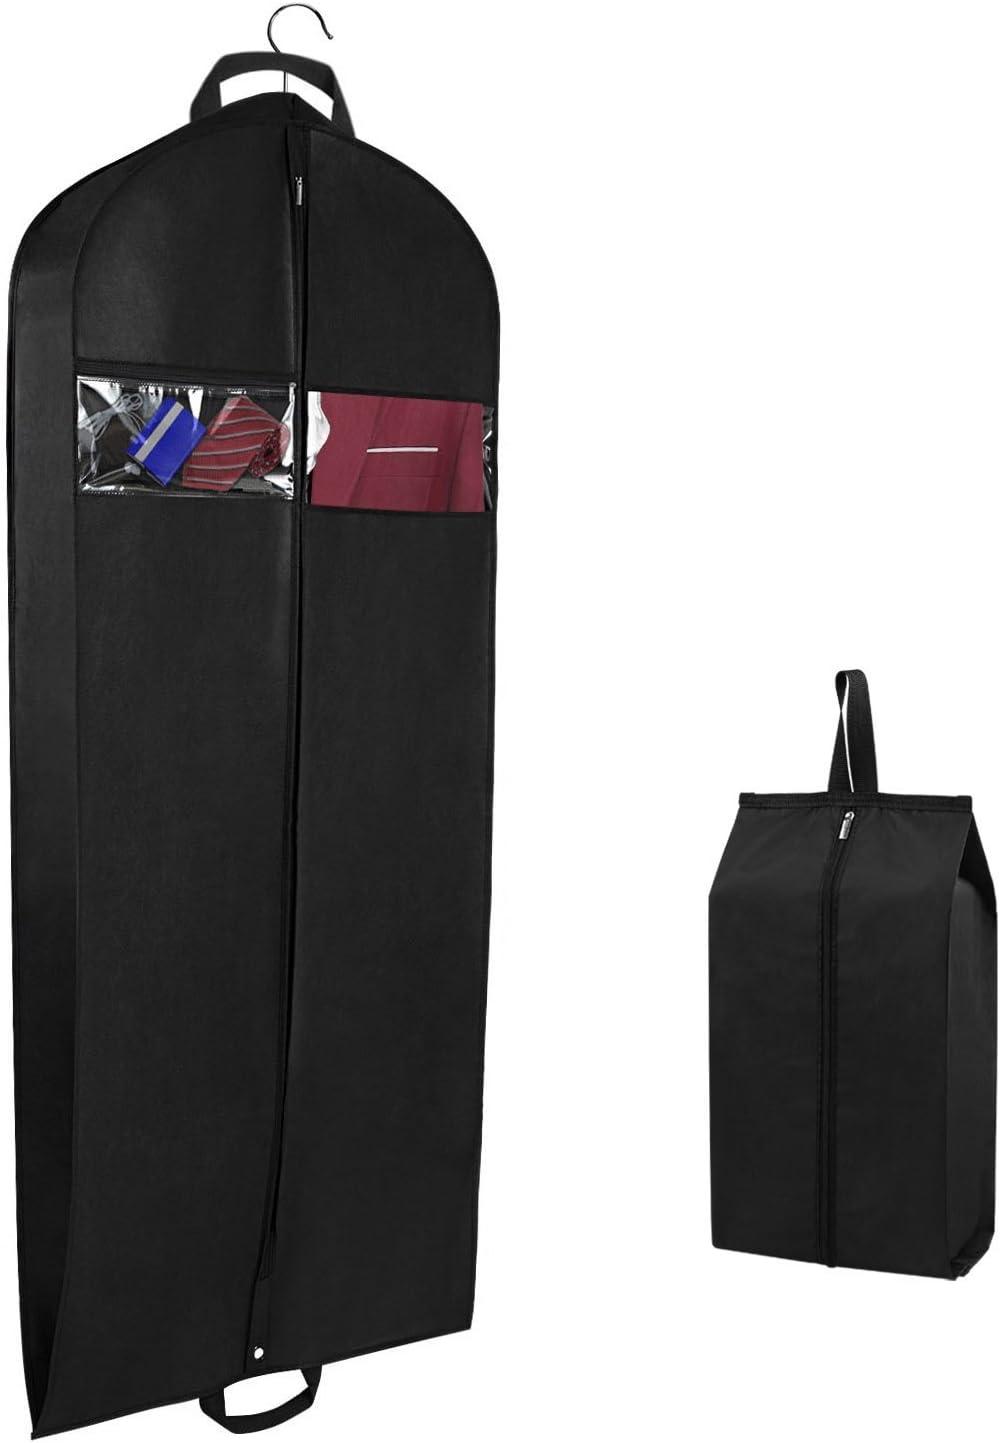 Sac de Rangement pour v/êtements la Robe et Le Smoking Paquet de 4 Syeeiex Suit 2 Grandes Poches en Filet et Une Fermeture /à glissi/ère Robuste # 5 pour Le Costume 110 cm de v/êtements Respirants